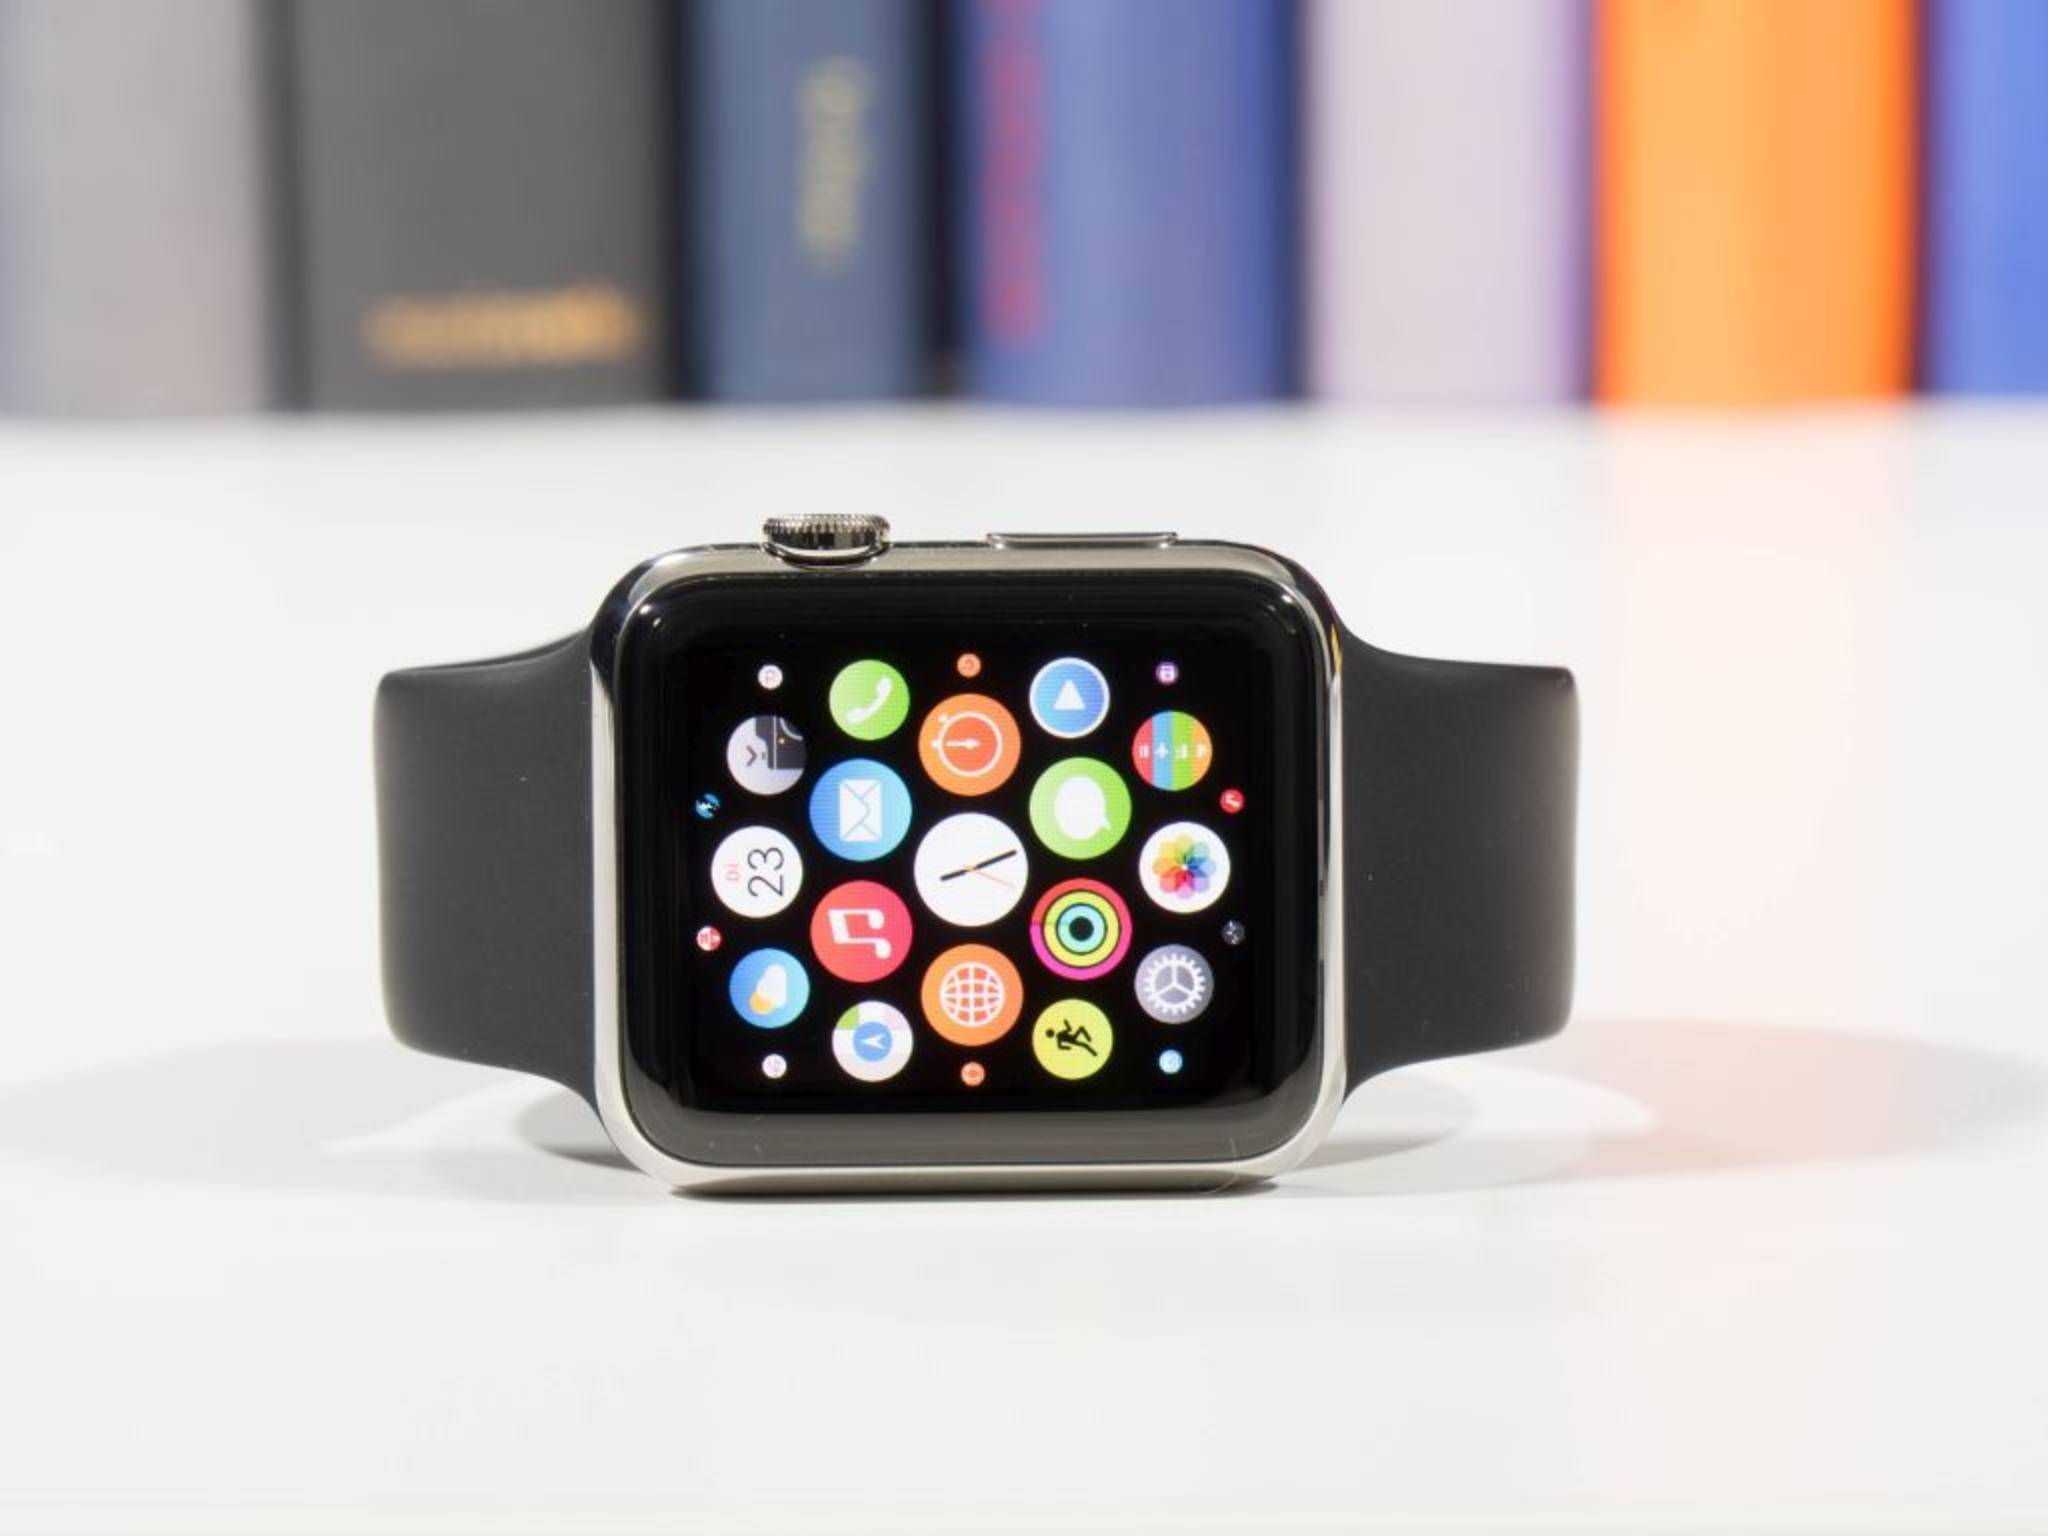 Die Apple Watch 2 soll frühestens Mitte 2016 erscheinen.